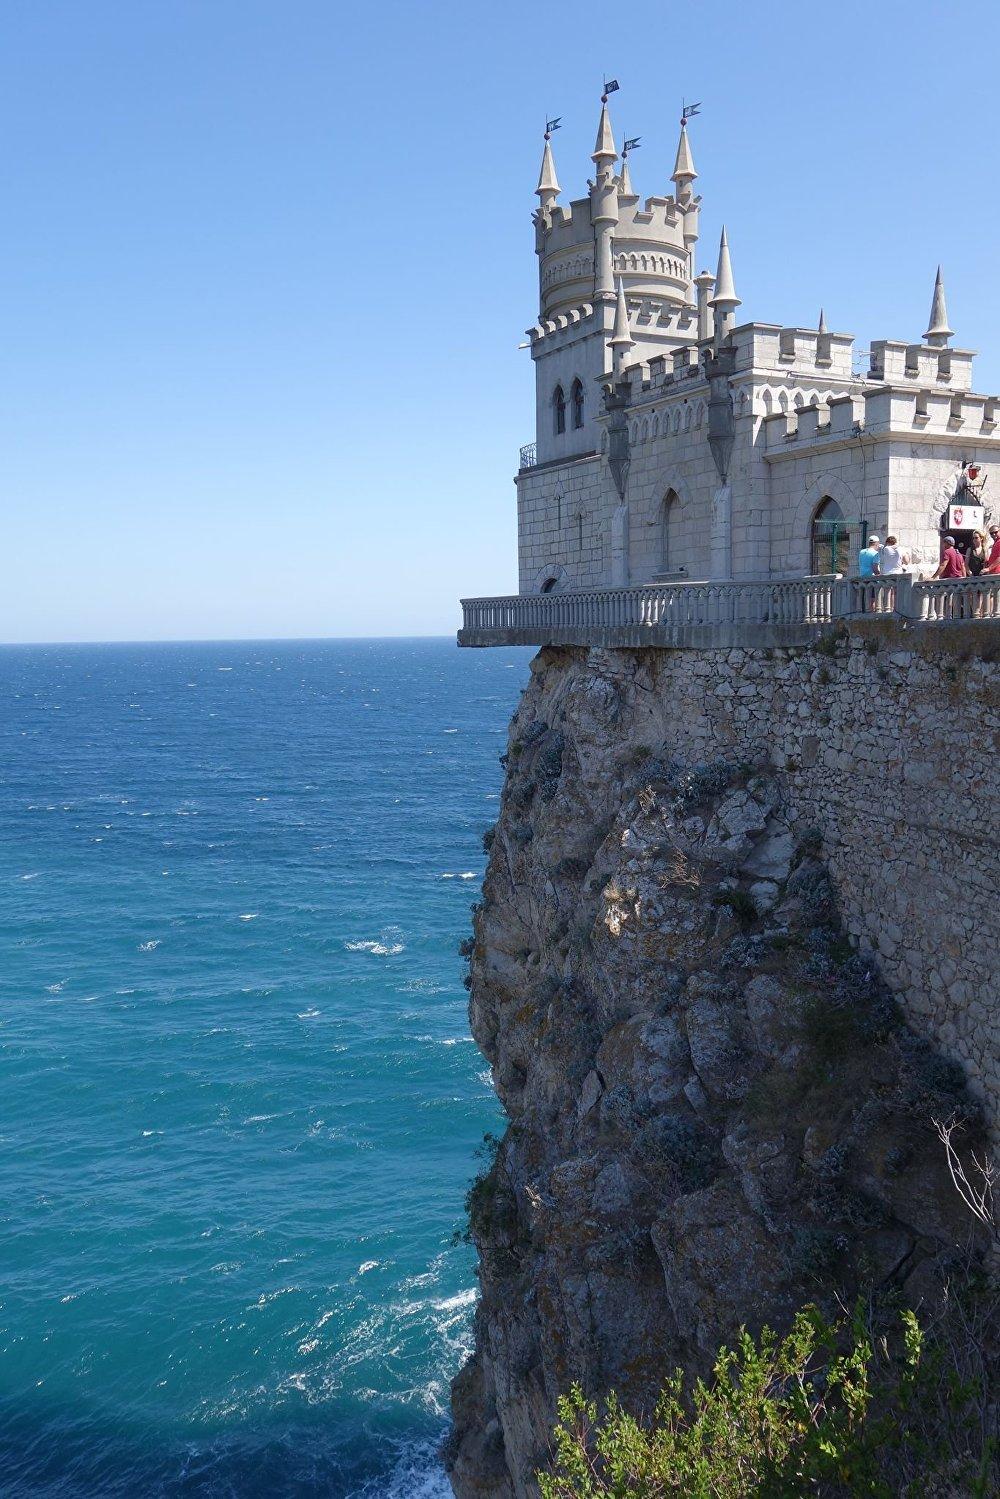 Voyage de Florian et d'Aurélien en Crimée